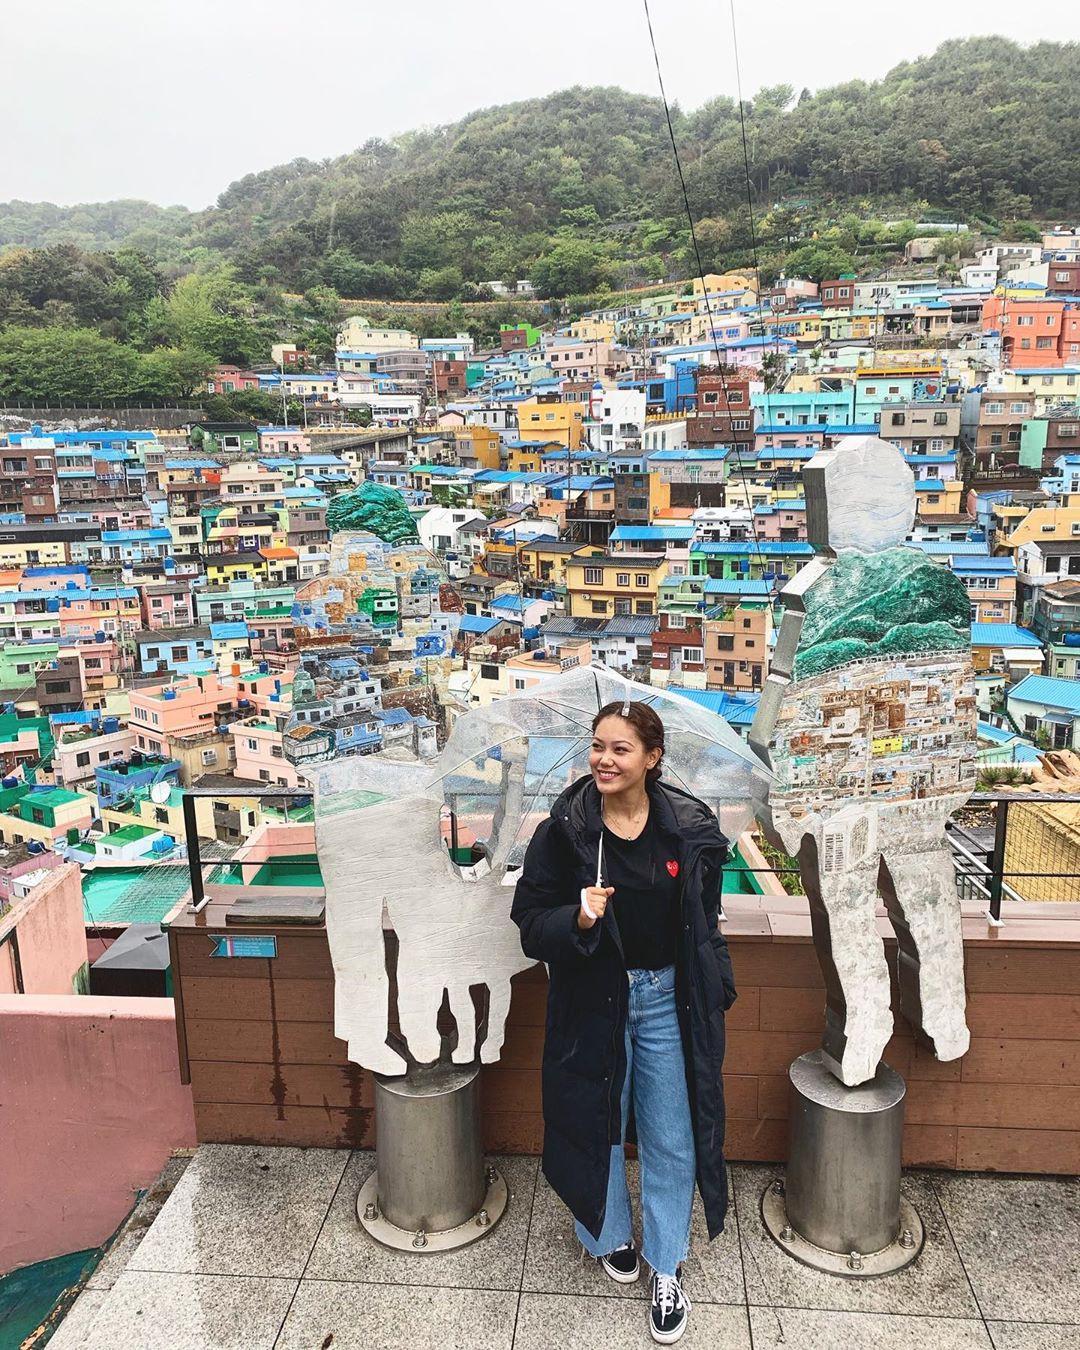 Làng cổ Gamcheon: Từ một khu ổ chuột trở thành Santorini của Hàn Quốc - Ảnh 12.